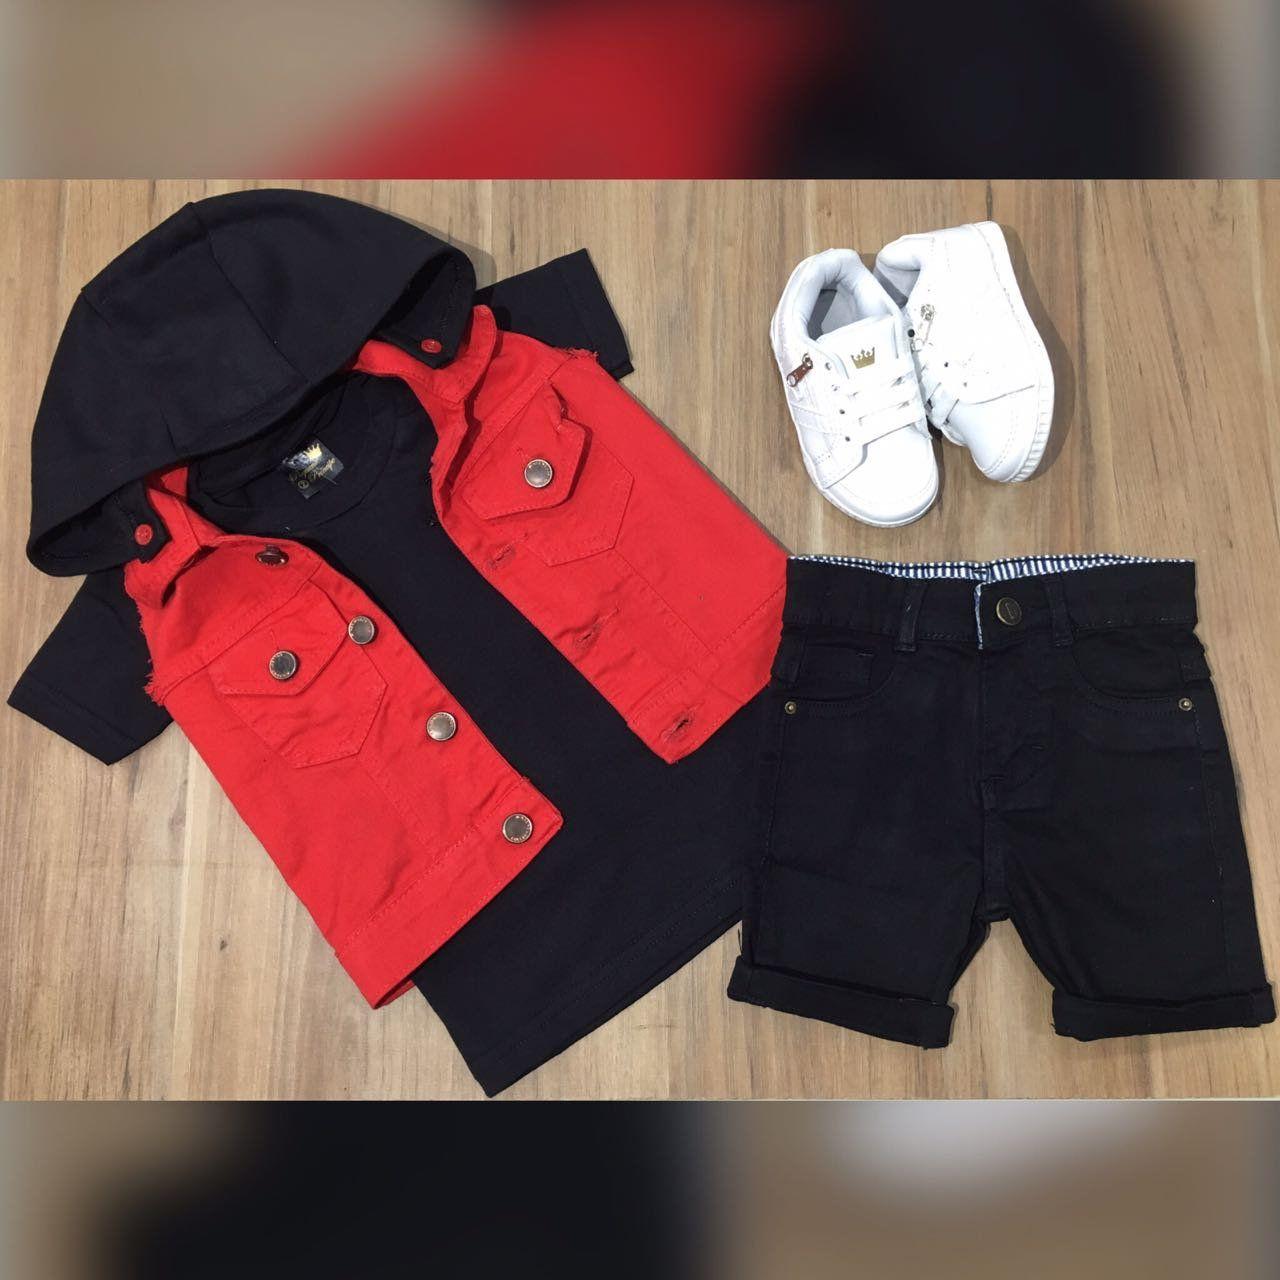 Bermuda Preta com Camiseta Preta mais Colete Vermelho